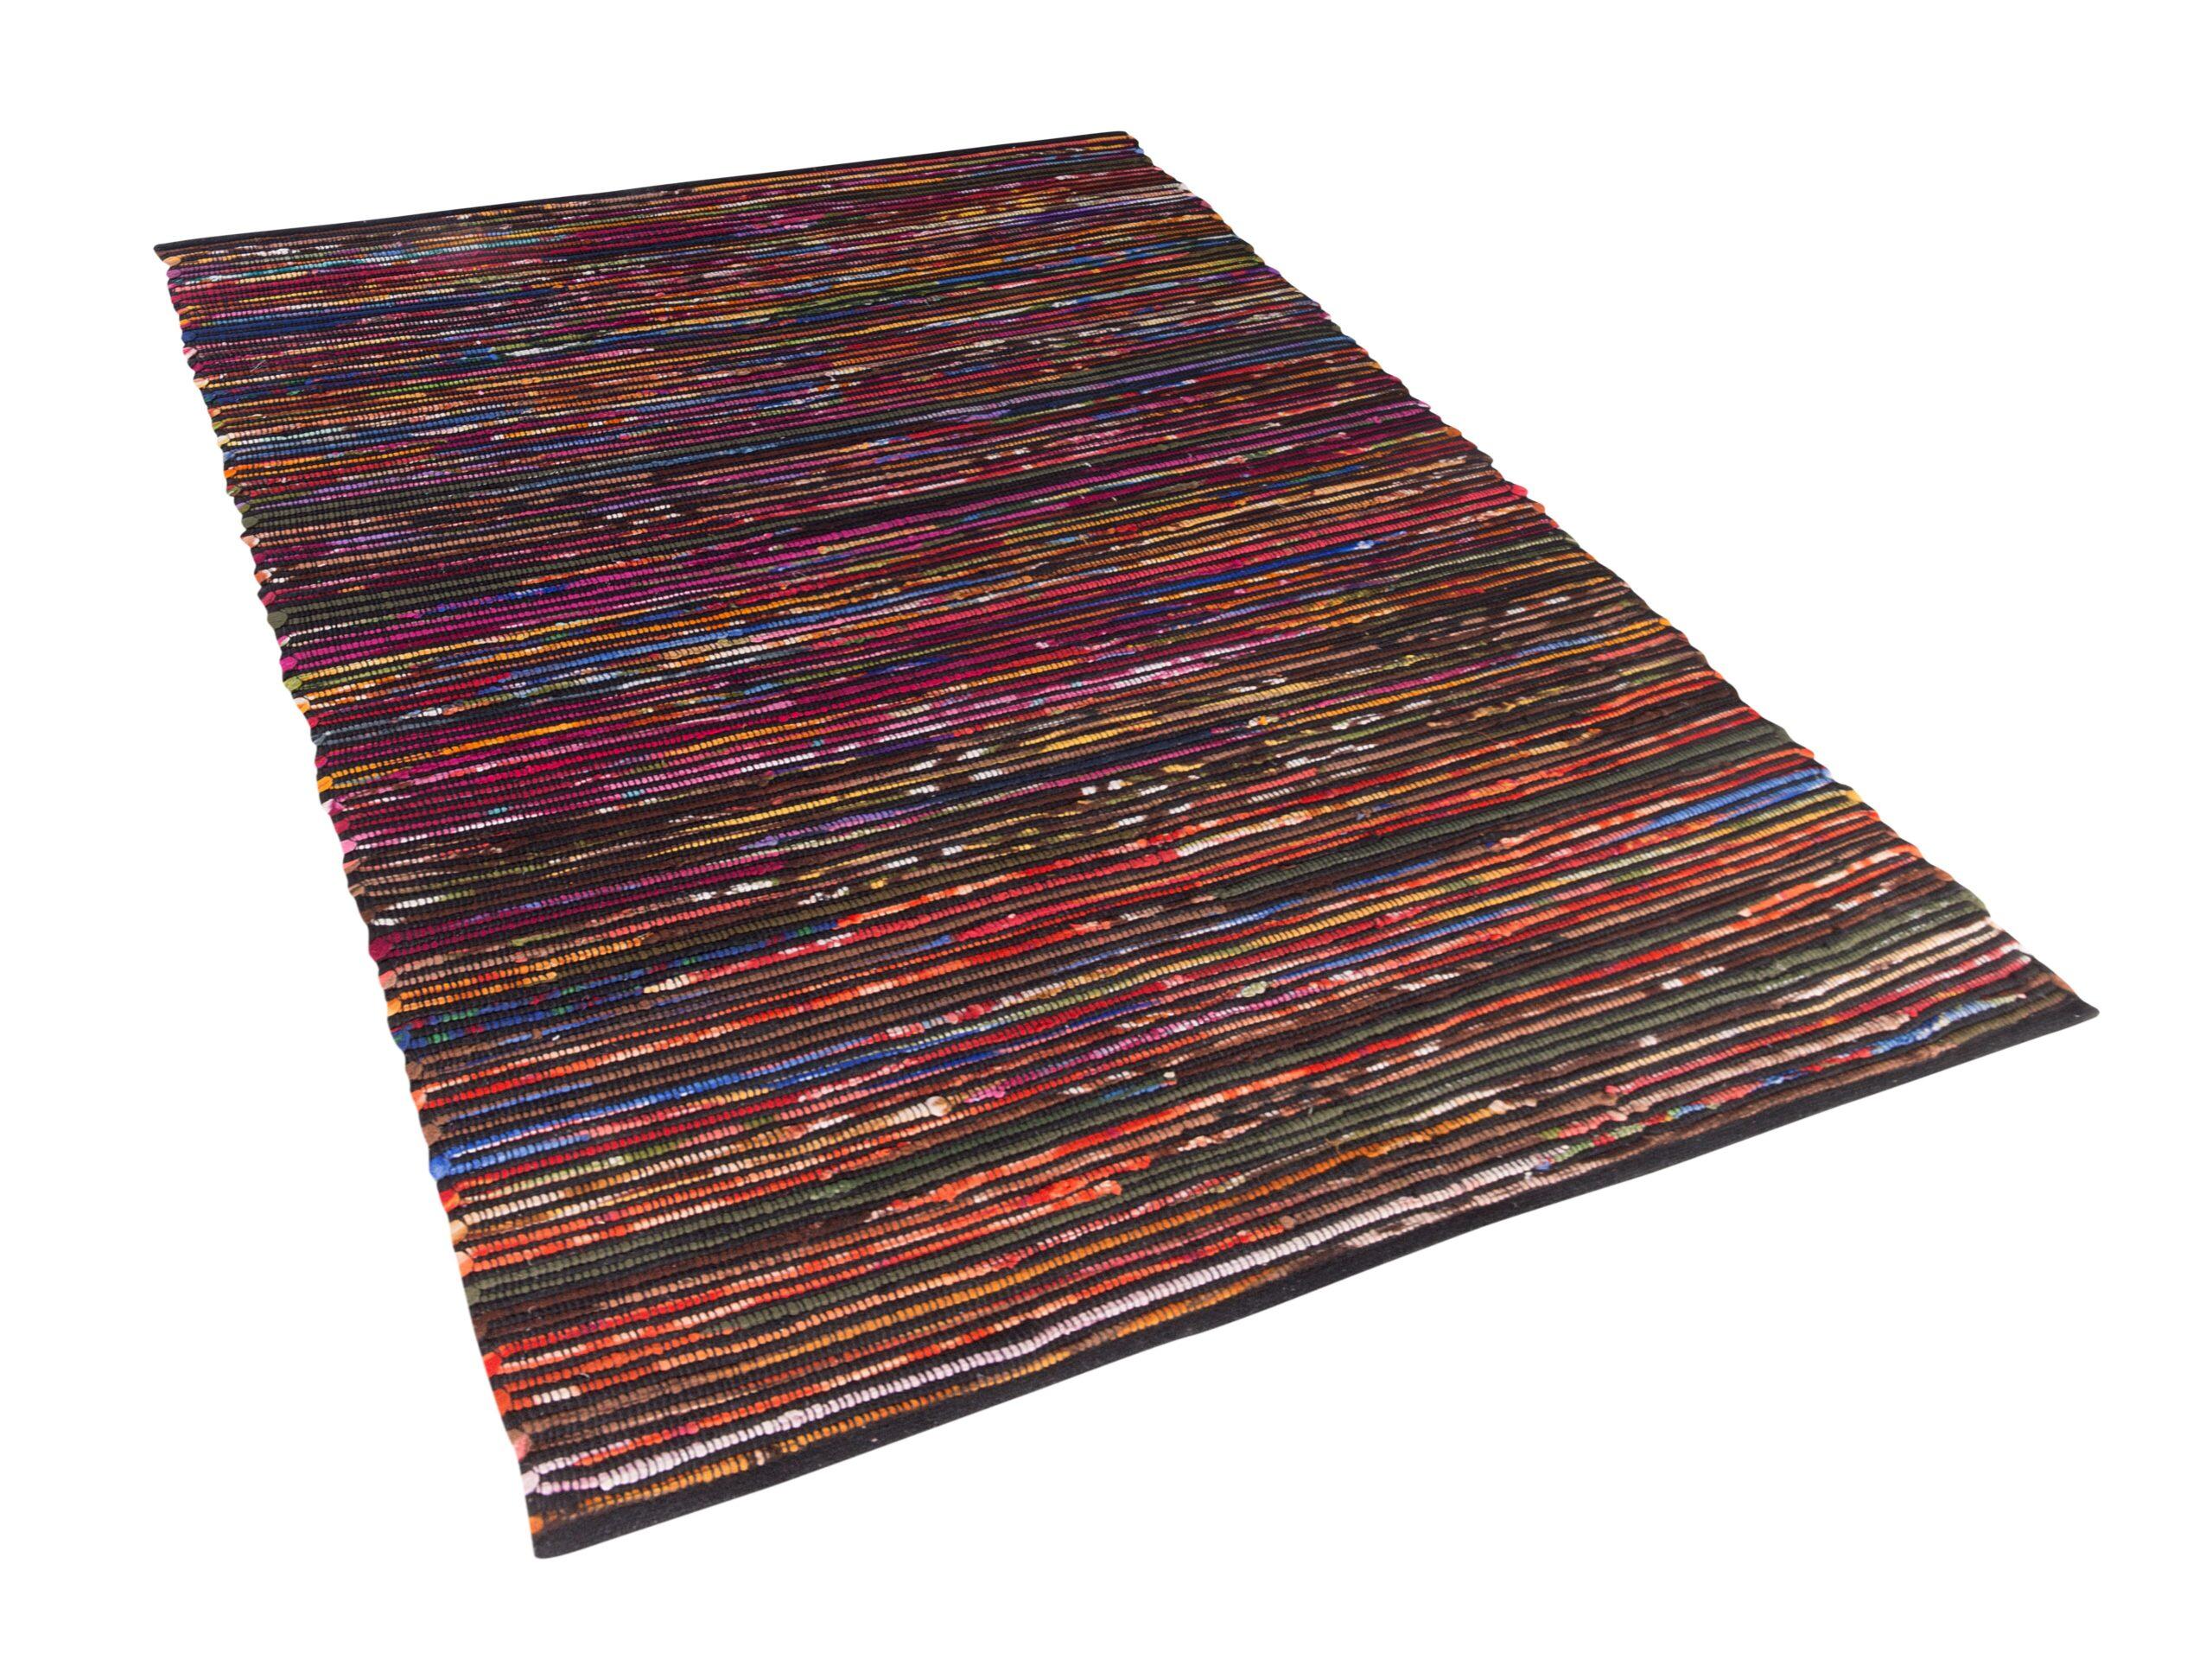 Full Size of Küchenläufer Ikea Teppich Bunt Schwarz 140 200 Cm Kurzflor Bartin Ebay Küche Kaufen Kosten Betten Bei Sofa Mit Schlaffunktion Miniküche 160x200 Modulküche Wohnzimmer Küchenläufer Ikea